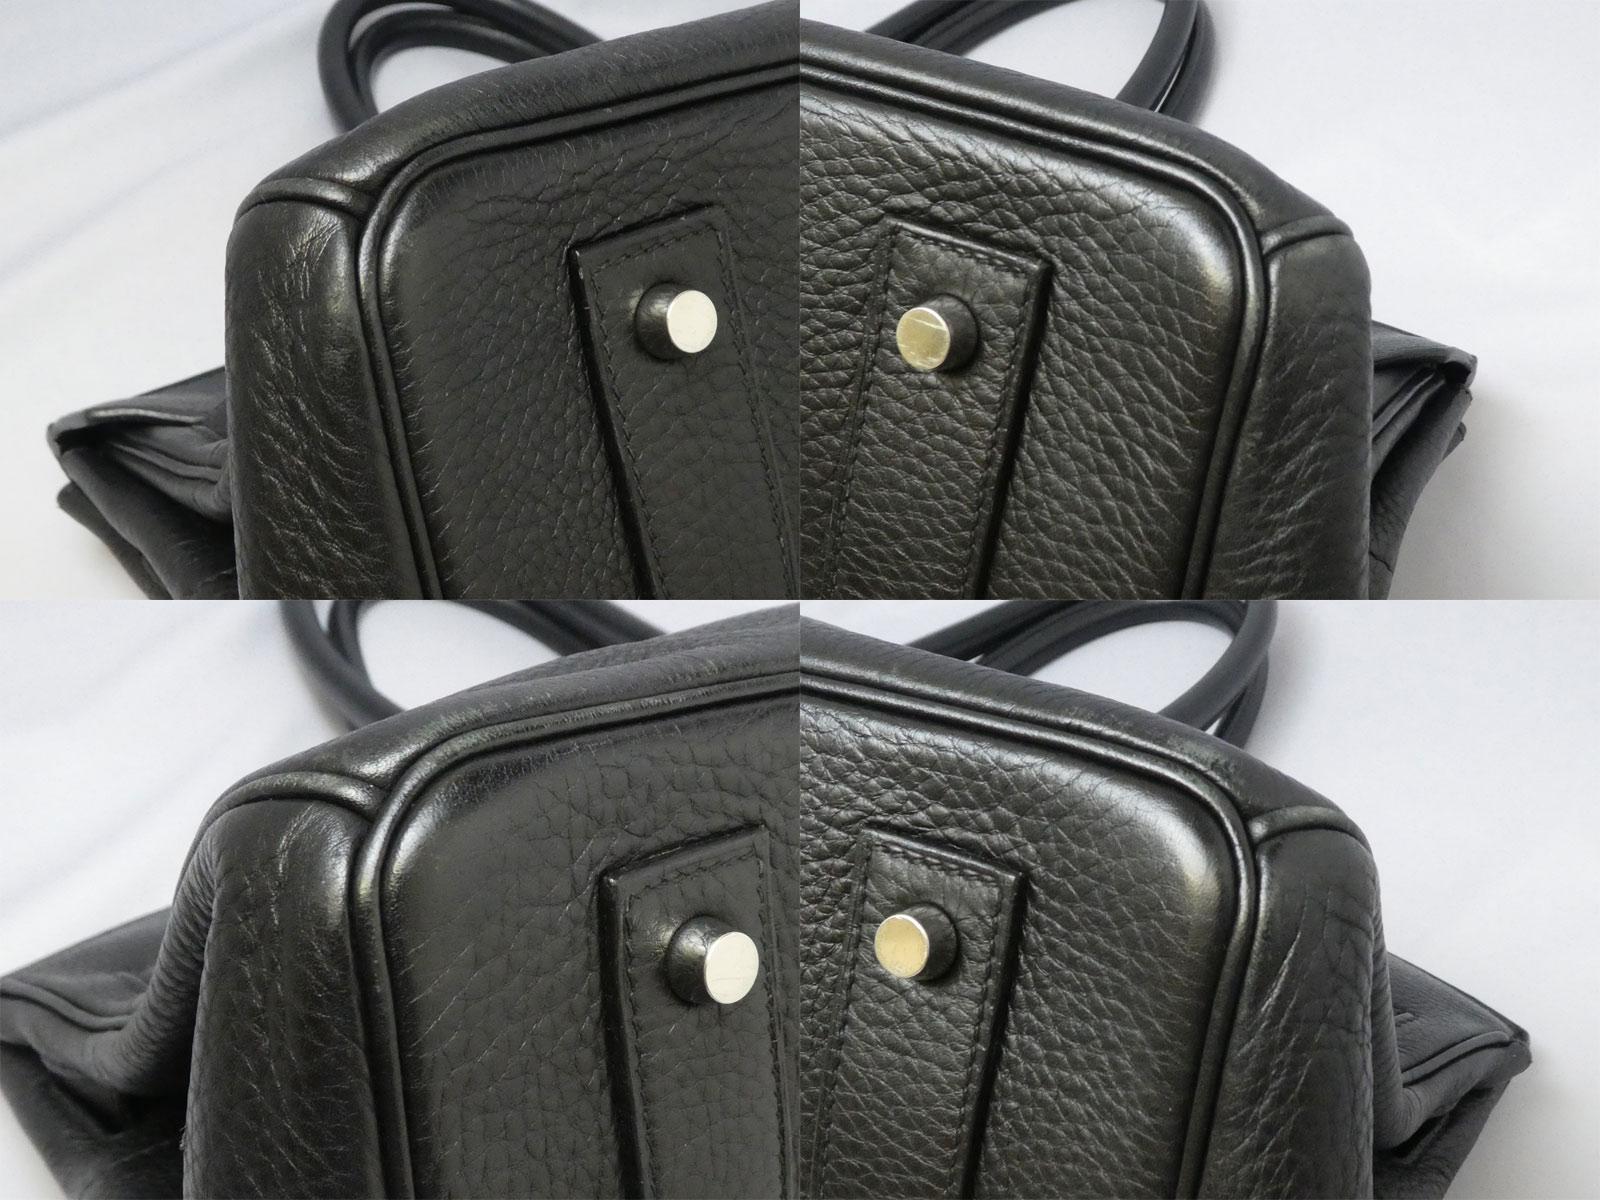 d324353fd7 Hermes HERMES bag shoulder Birkin 42 black x silver metal fittings avian  Yong Clement s leather shoulder bag handbag Lady s - e36054